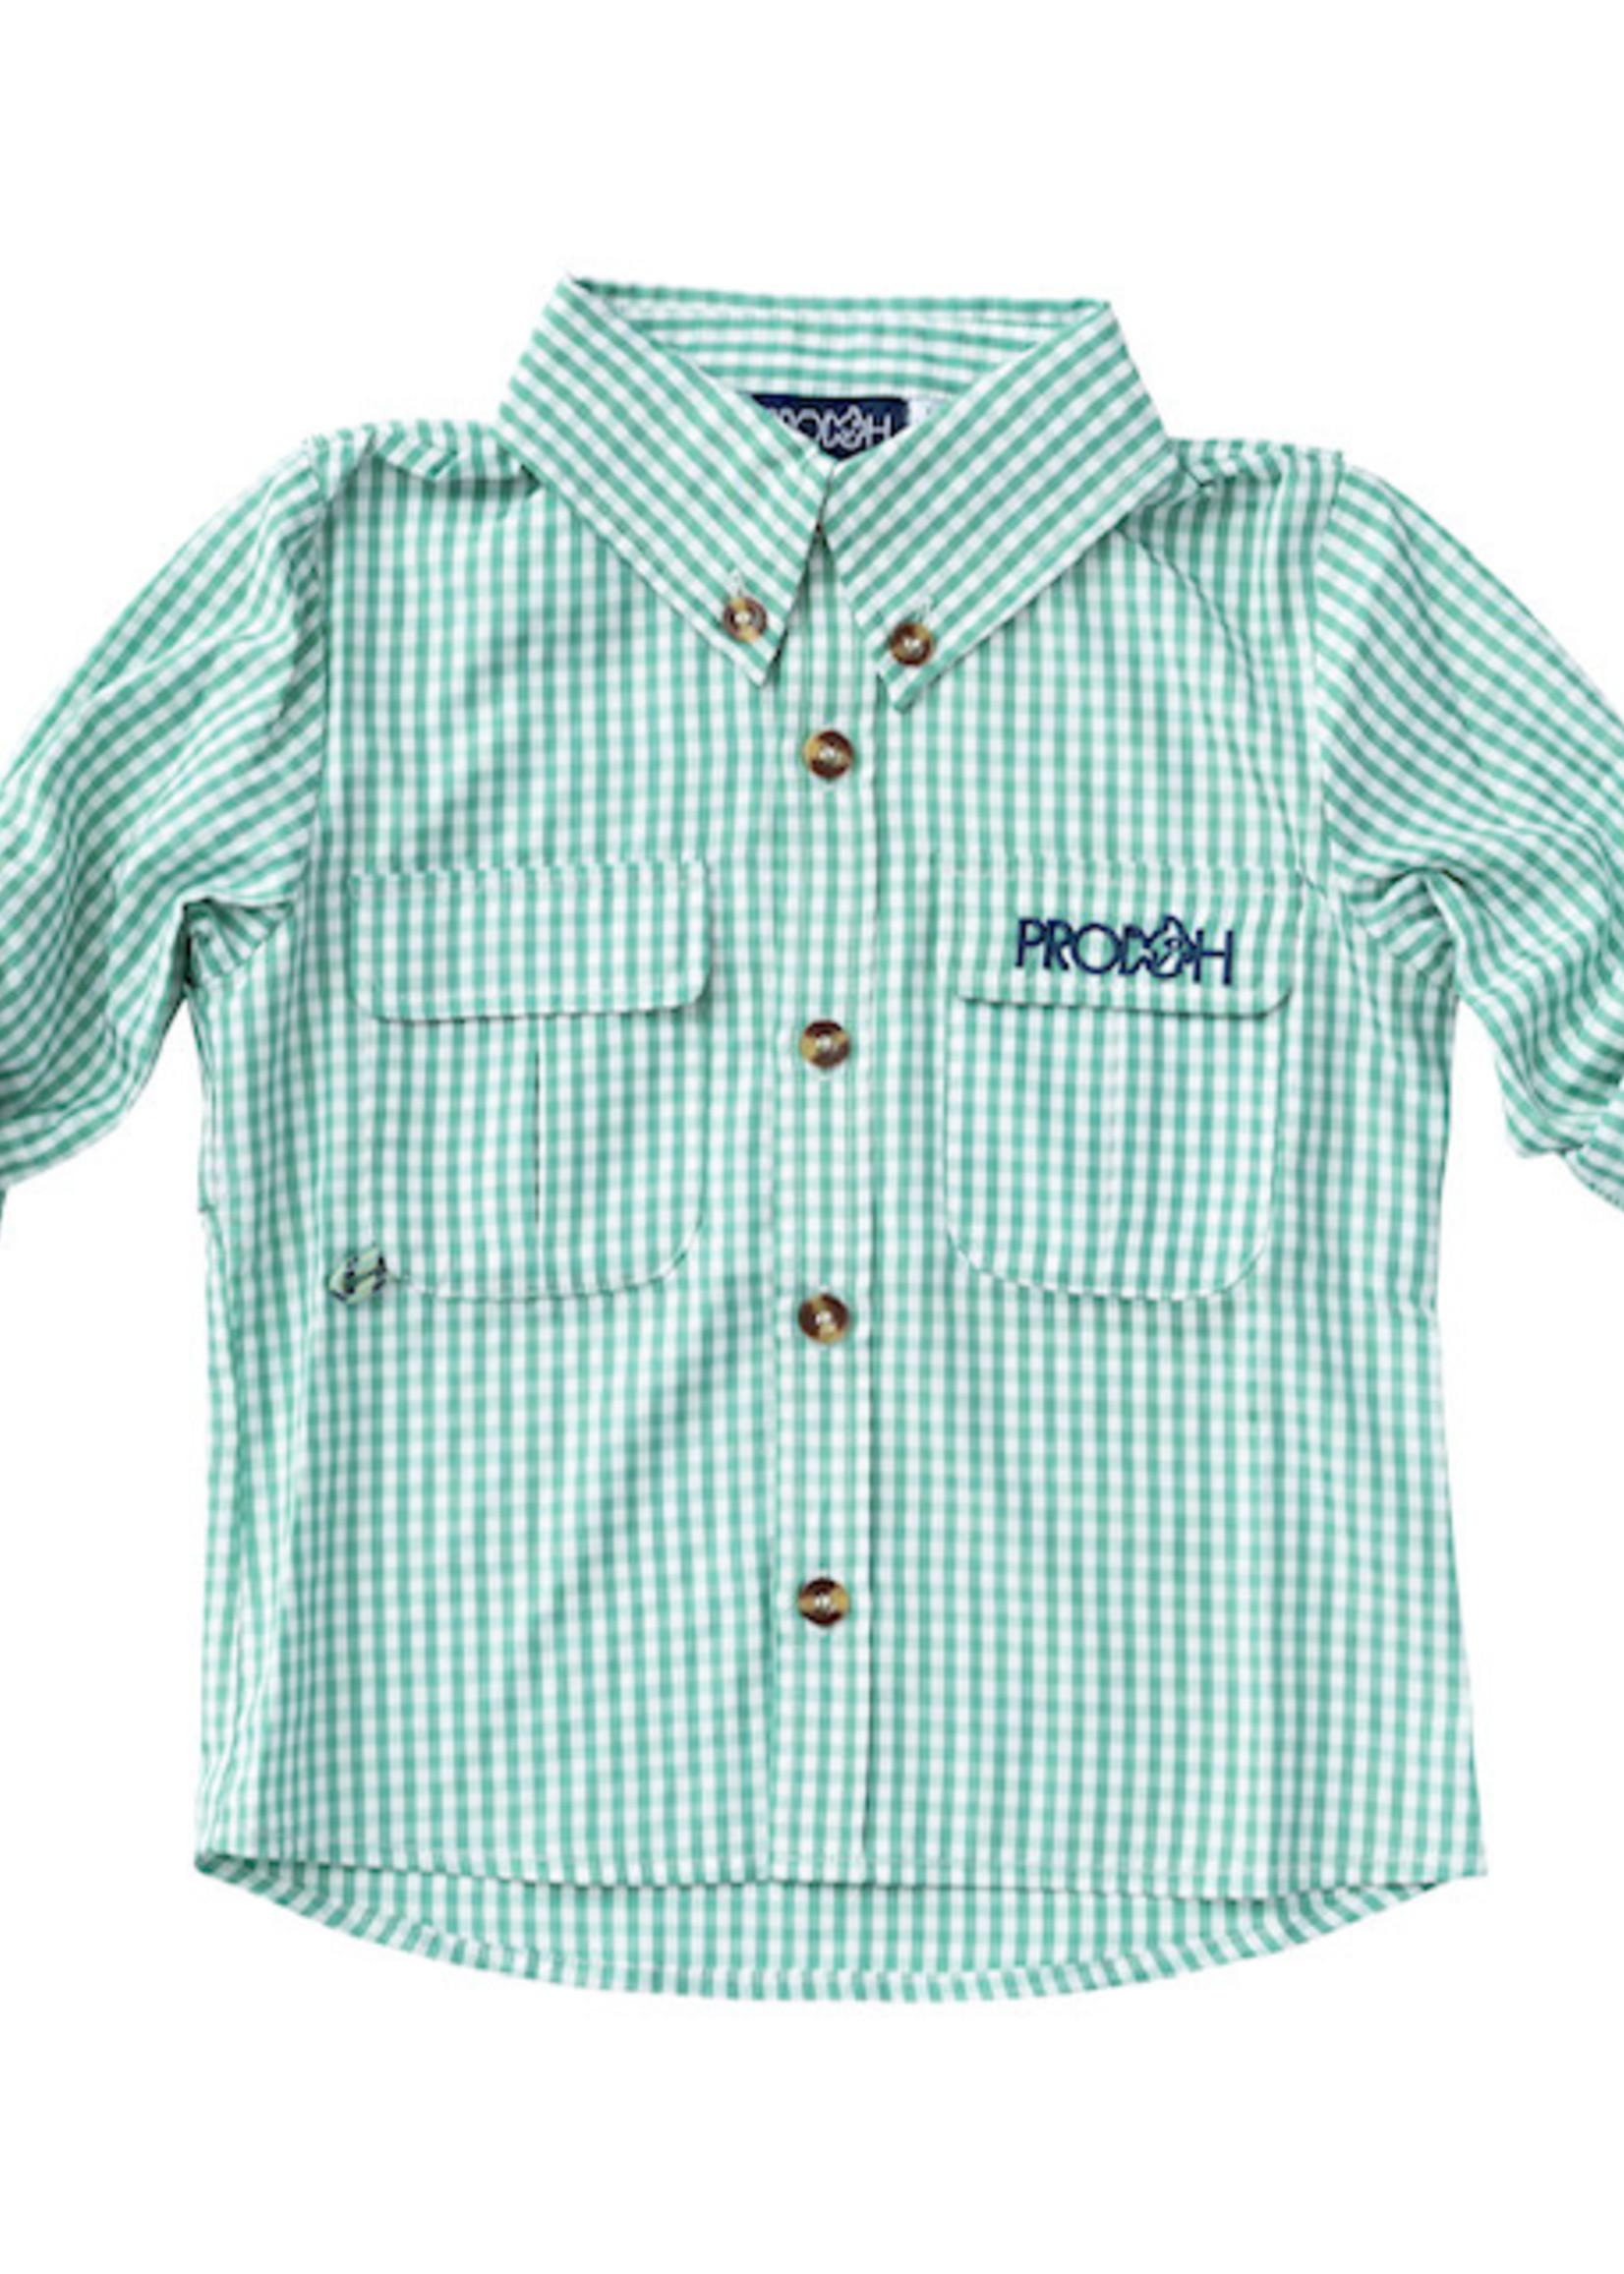 Fall 2021 Fishing Shirts - Jade